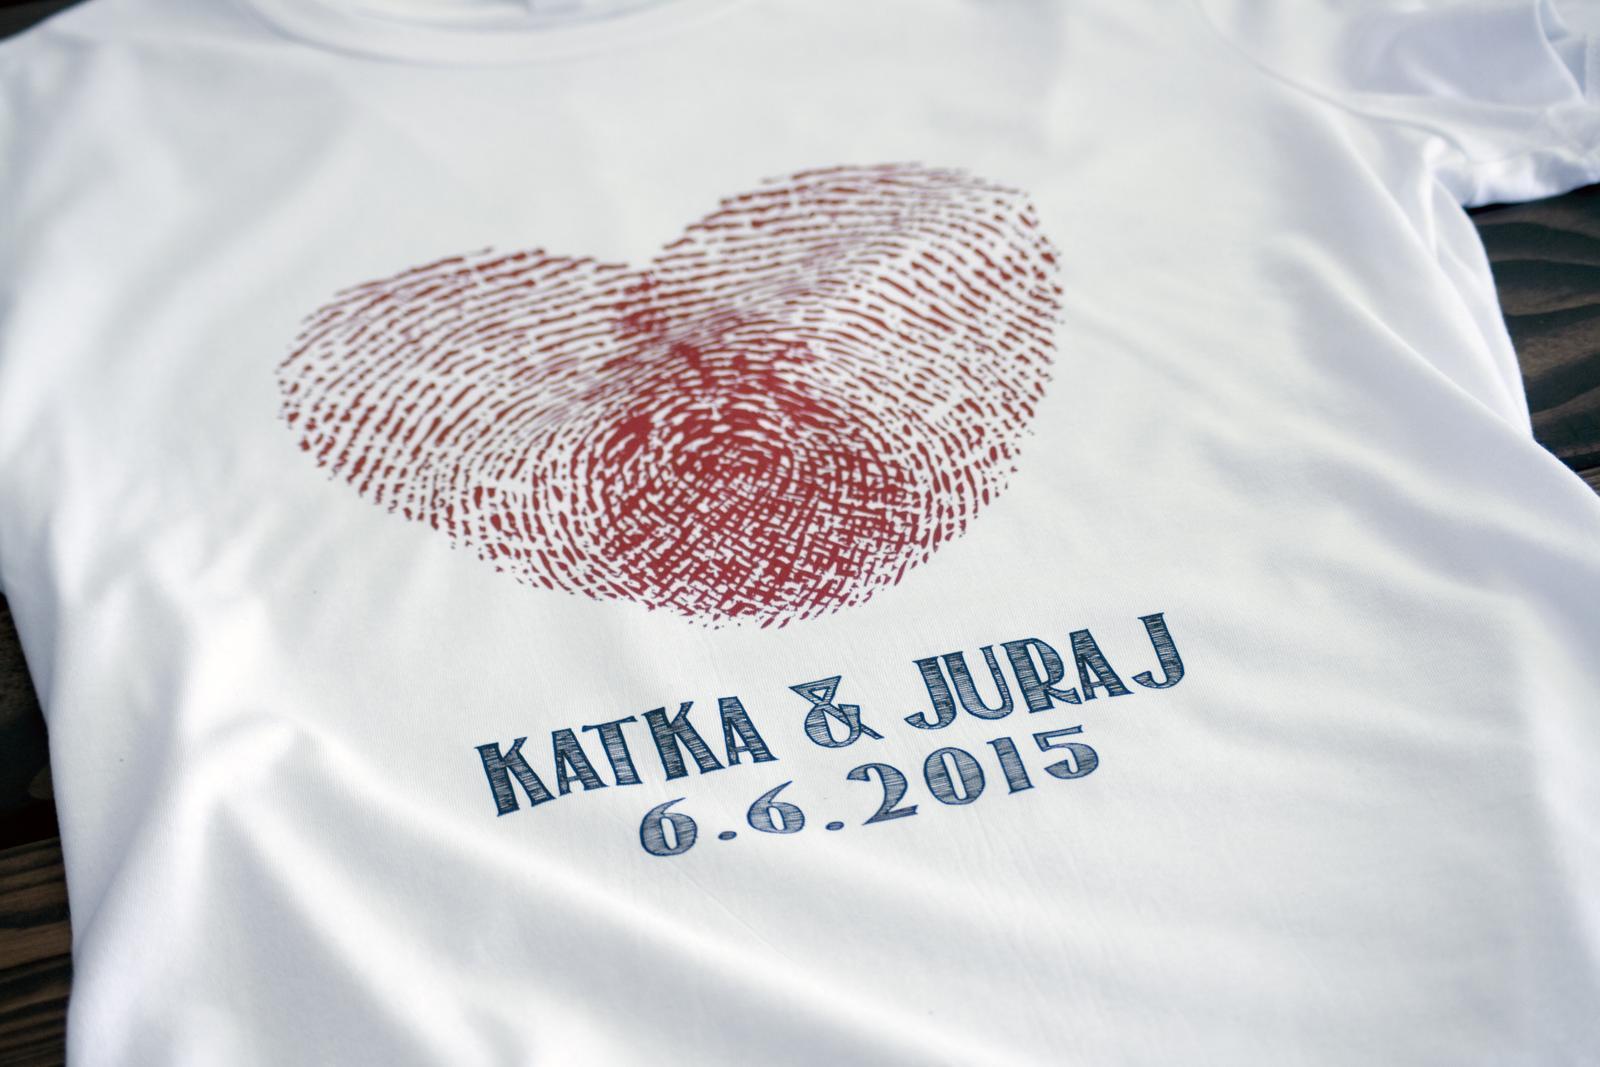 Nevestička a Ženích ♥ - trička na želanie podľa vlastných predstáv - Tričká na pamiatku veľkého dňa! Text na želanie !!! V prípade otázok píšte!